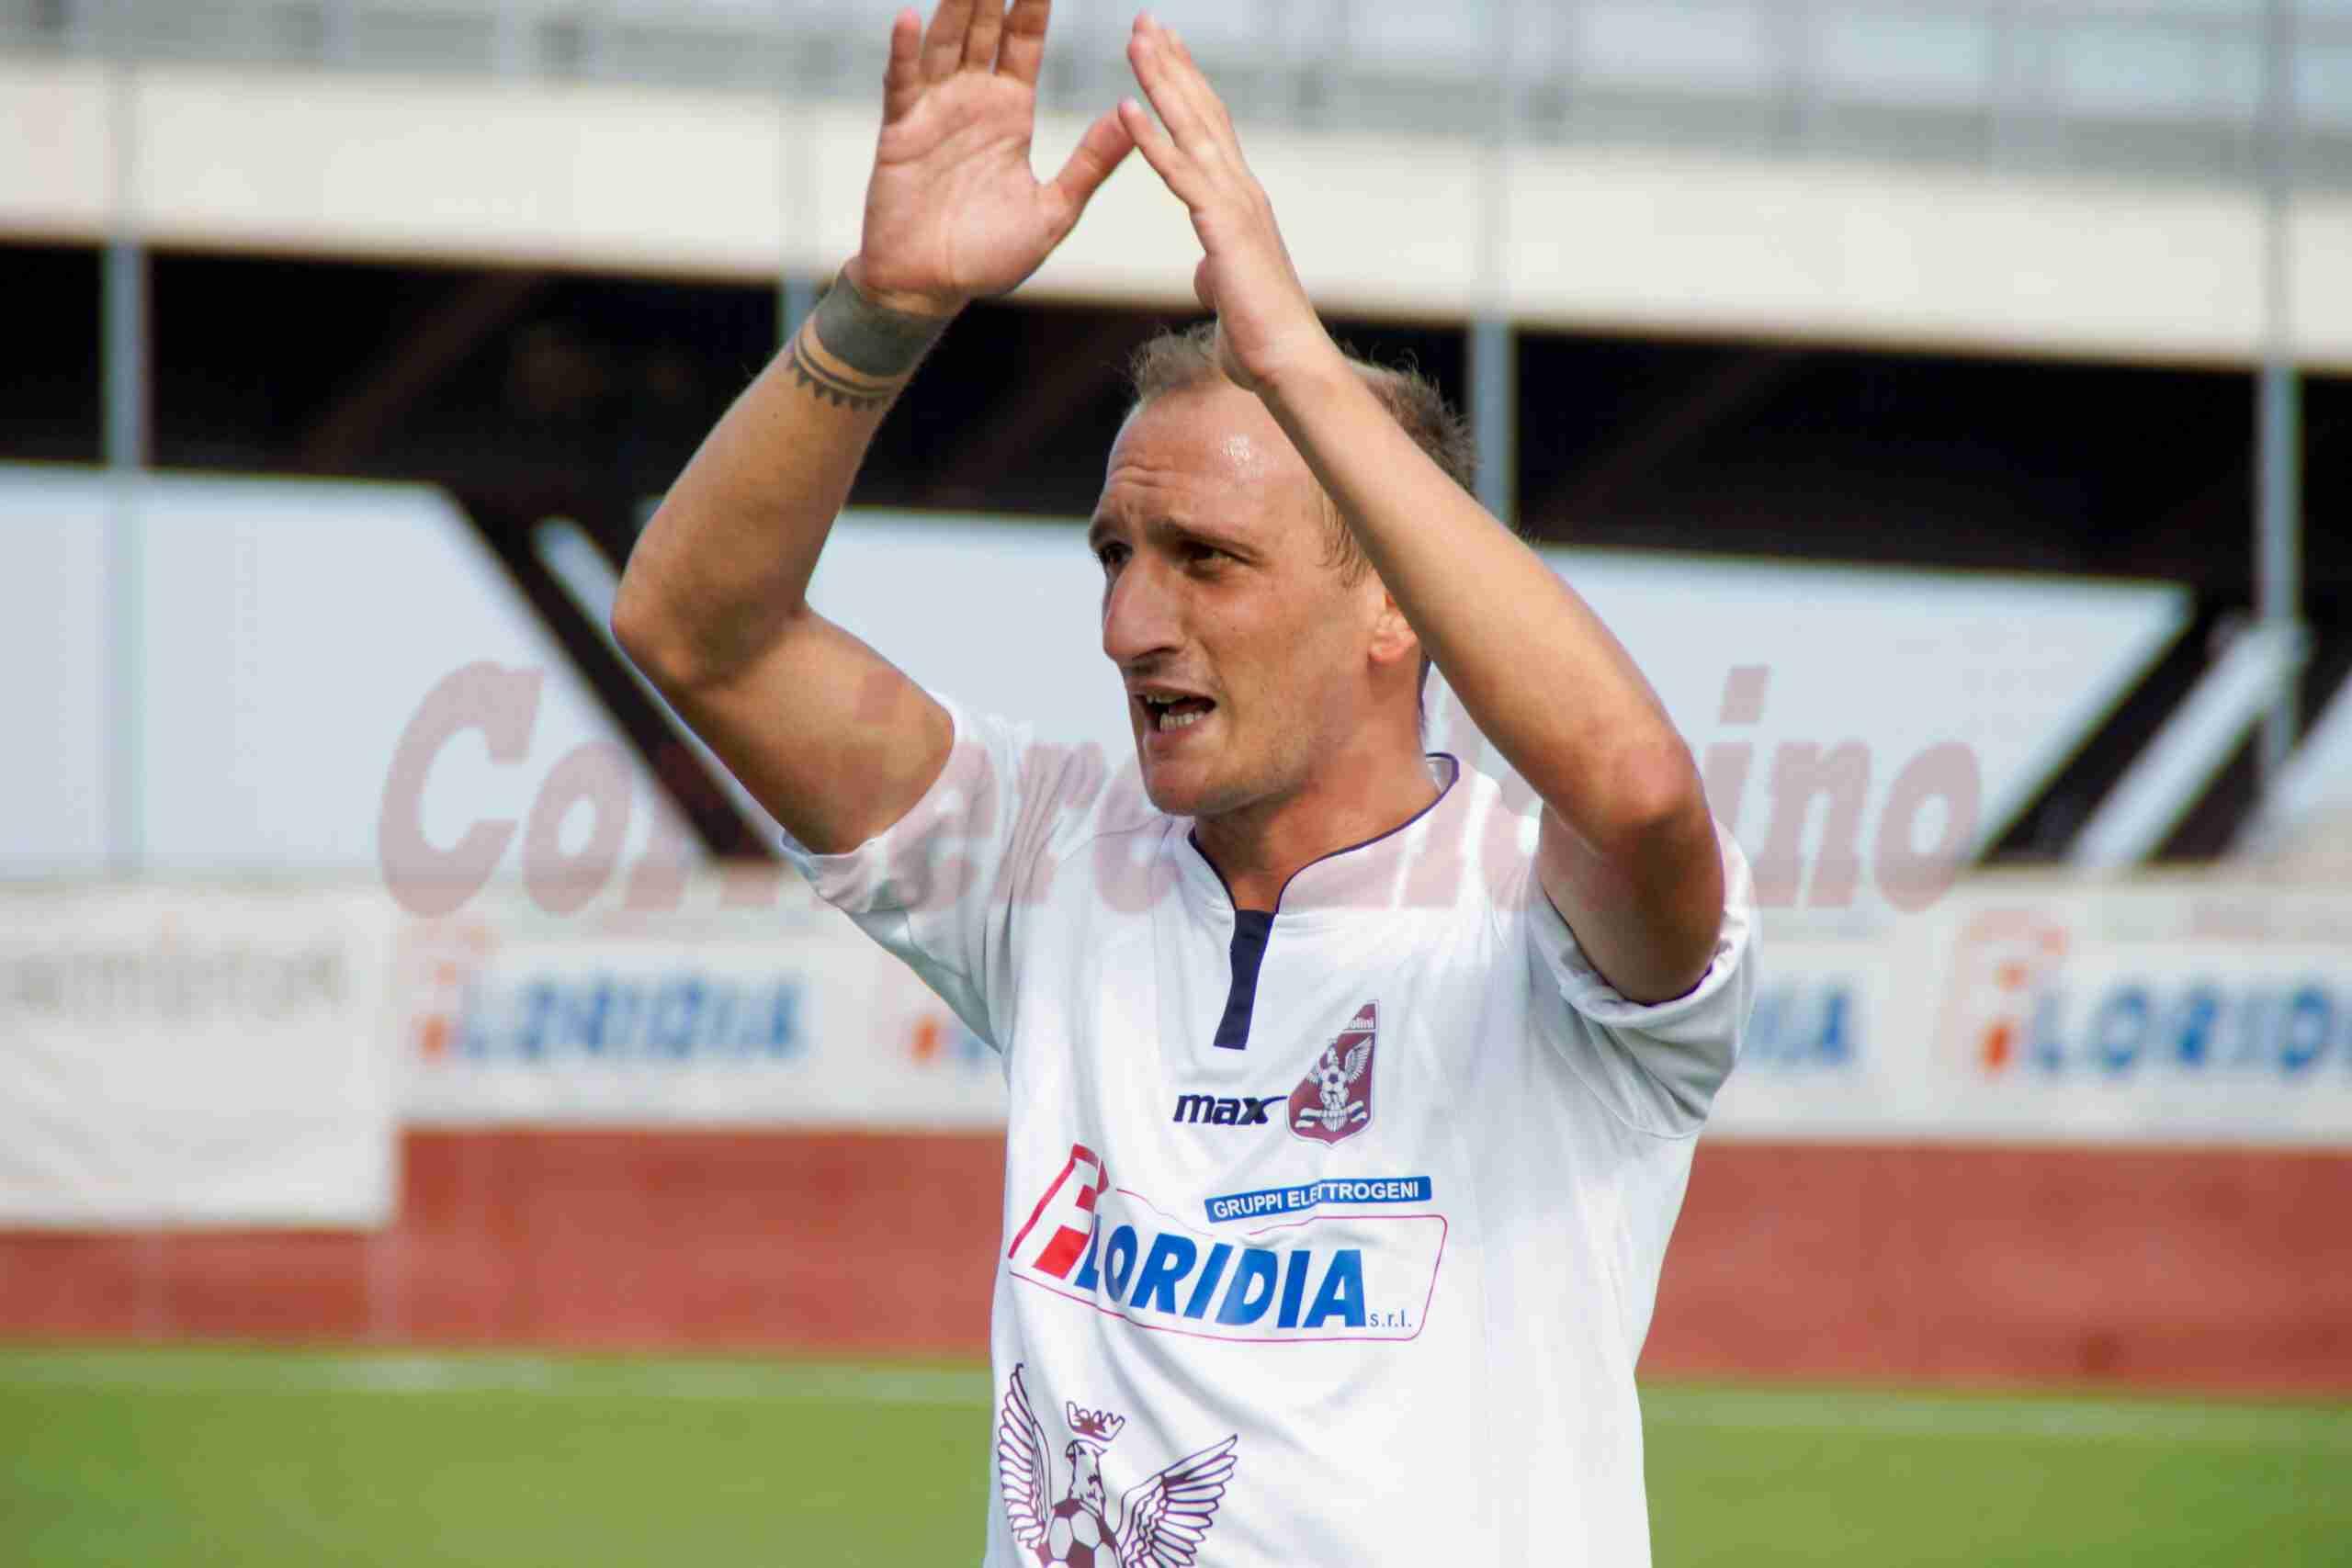 """Il mondo sportivo """"tifa"""" per l'ex granata Peppe Rizza, colpito da una emorragia cerebrale"""